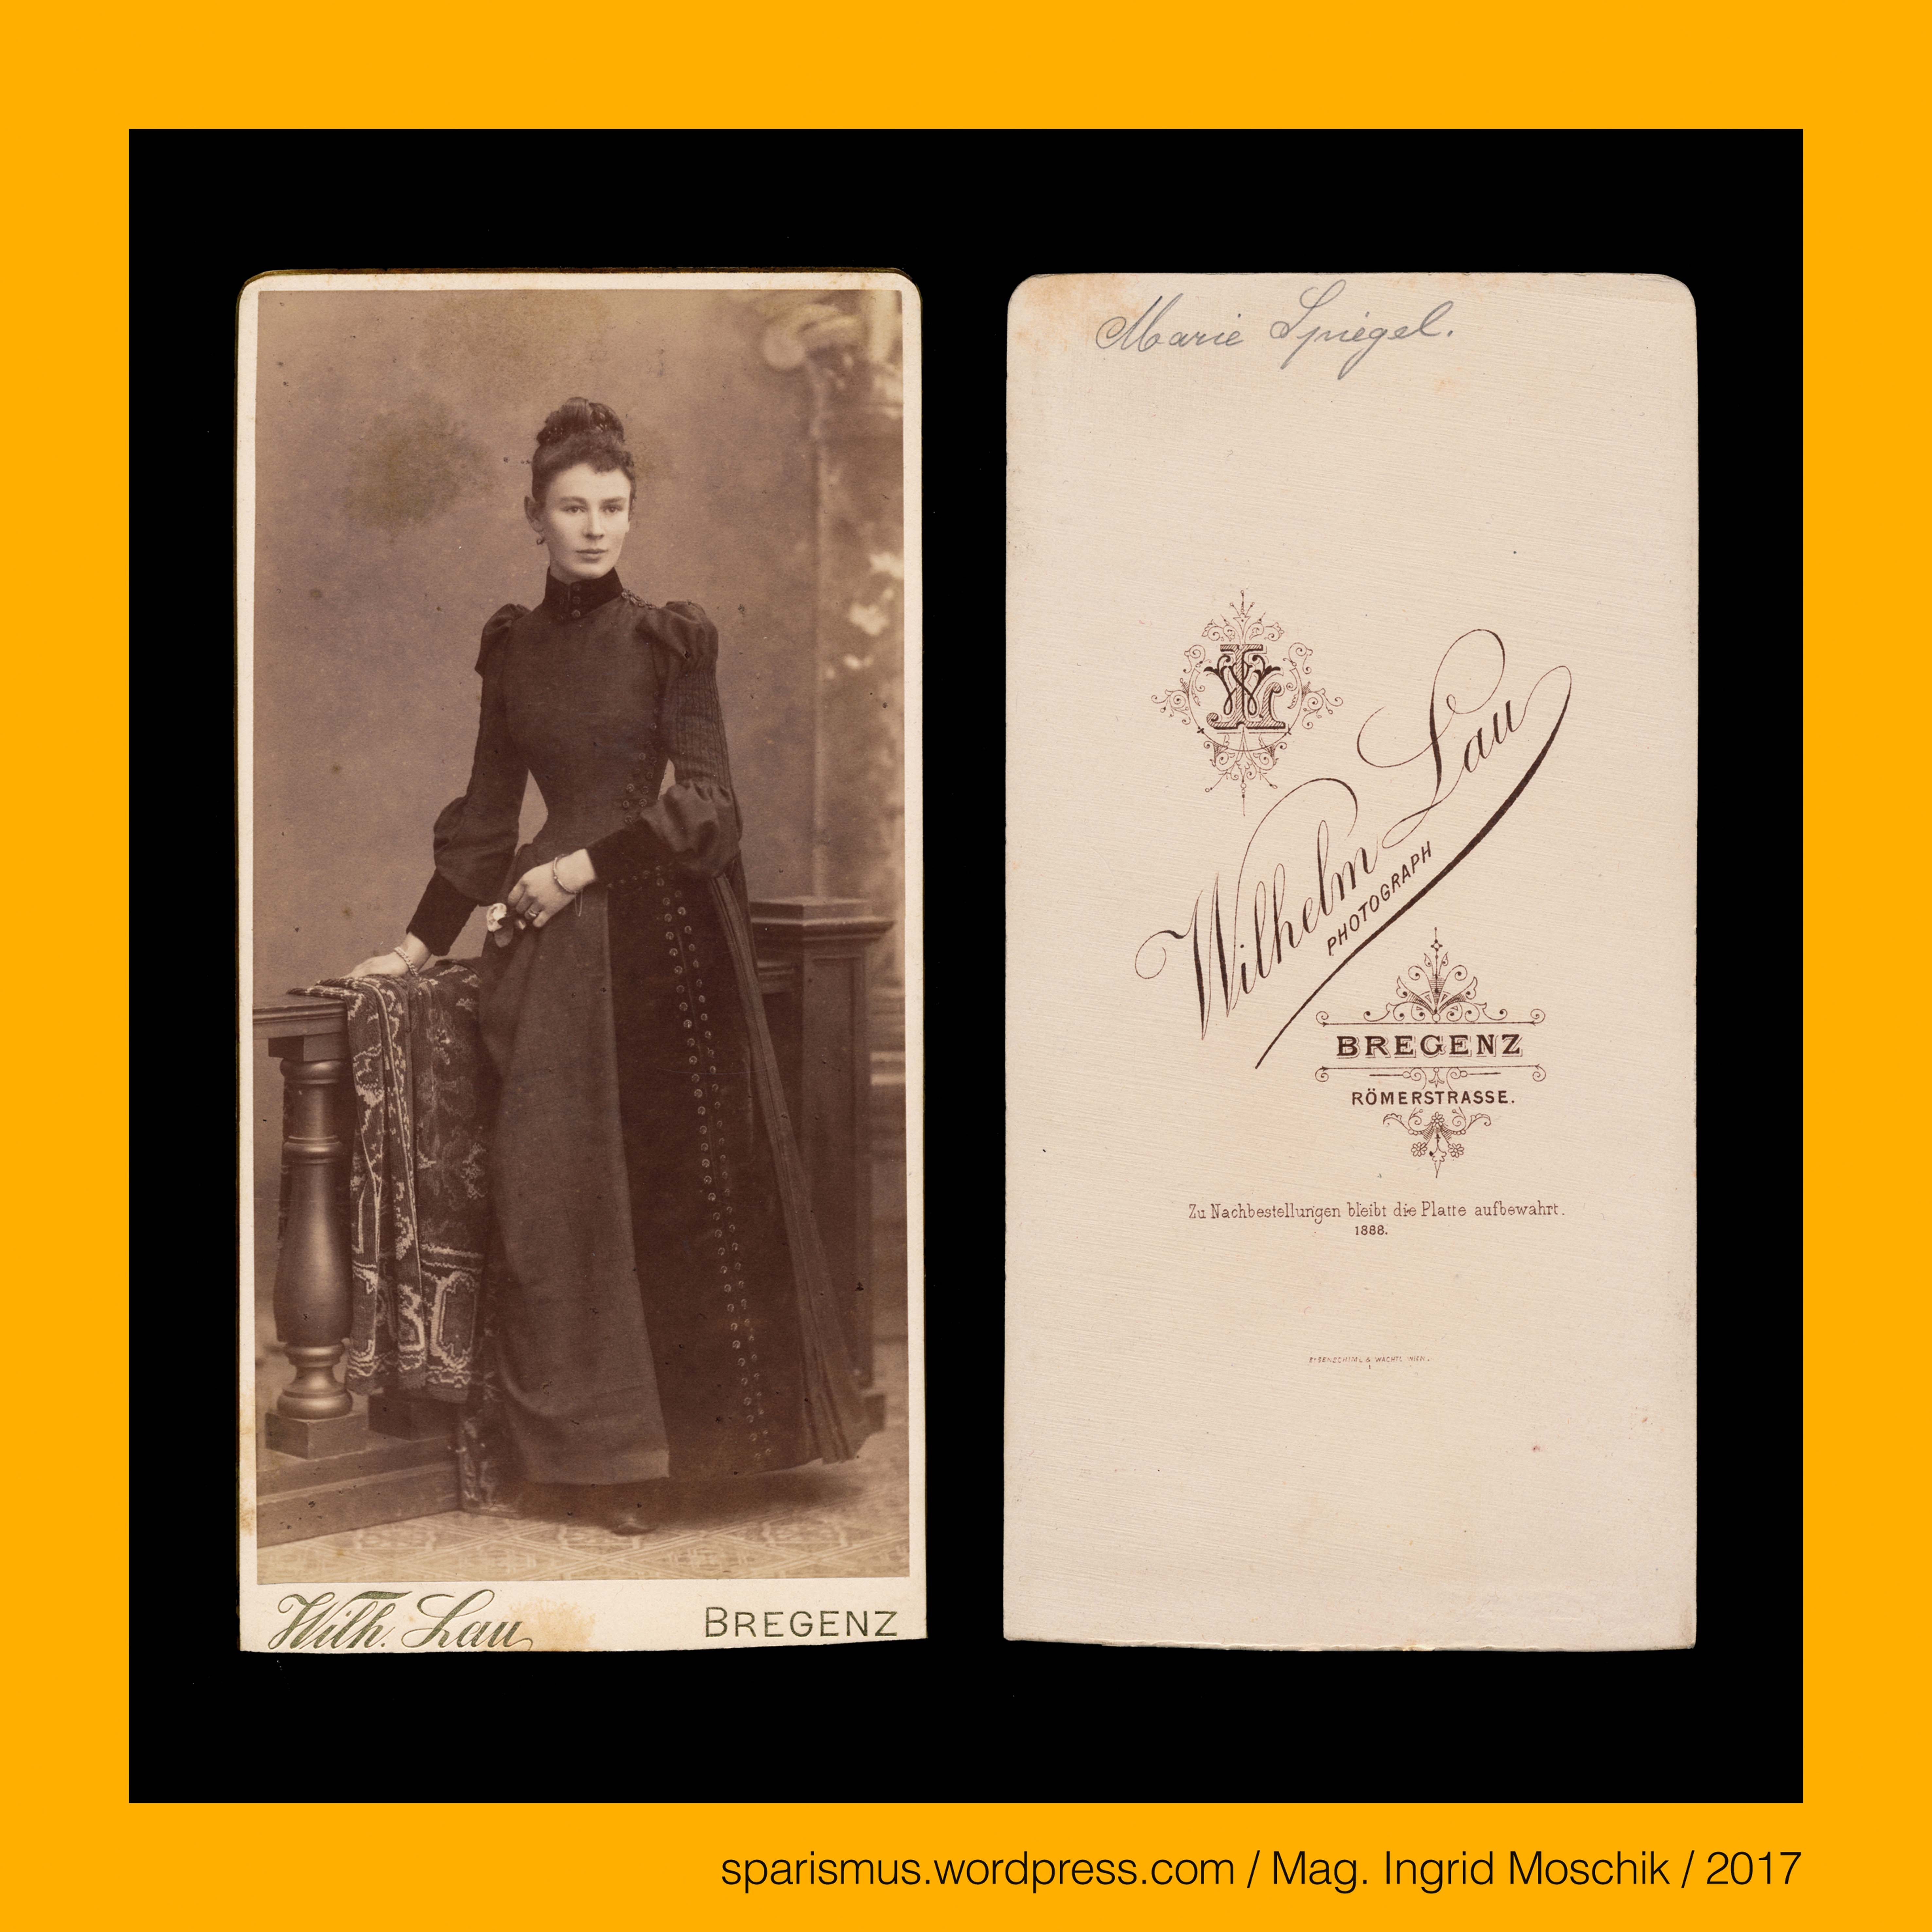 Wilhelm Lau, Photograph in #Bregenz, 1888, Marie Spiegel in ...